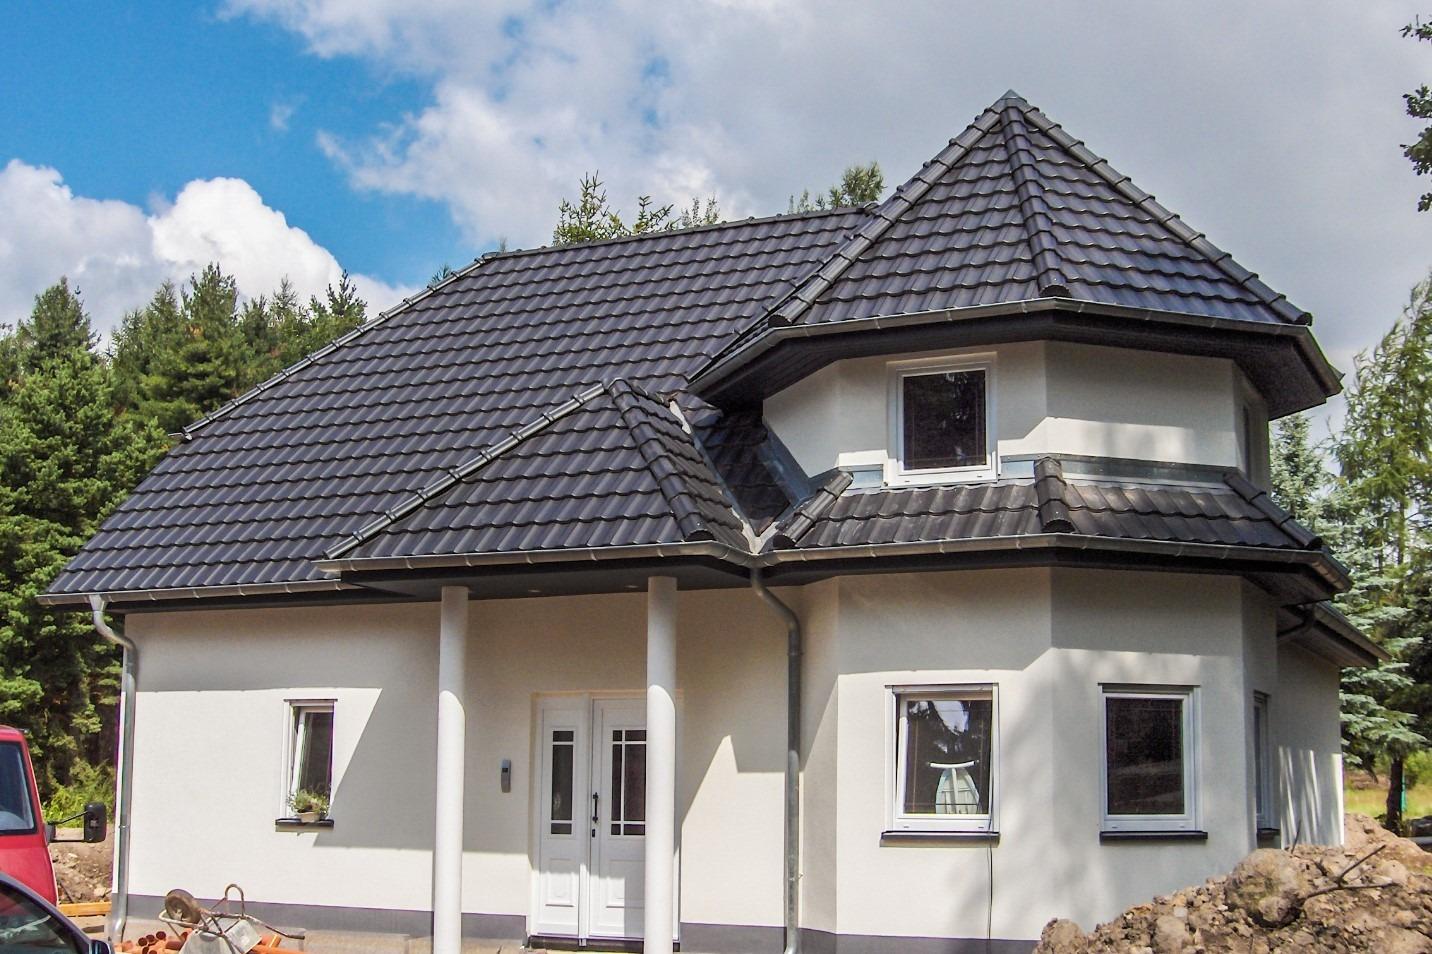 DA Eindeckung mit Dachziegeln